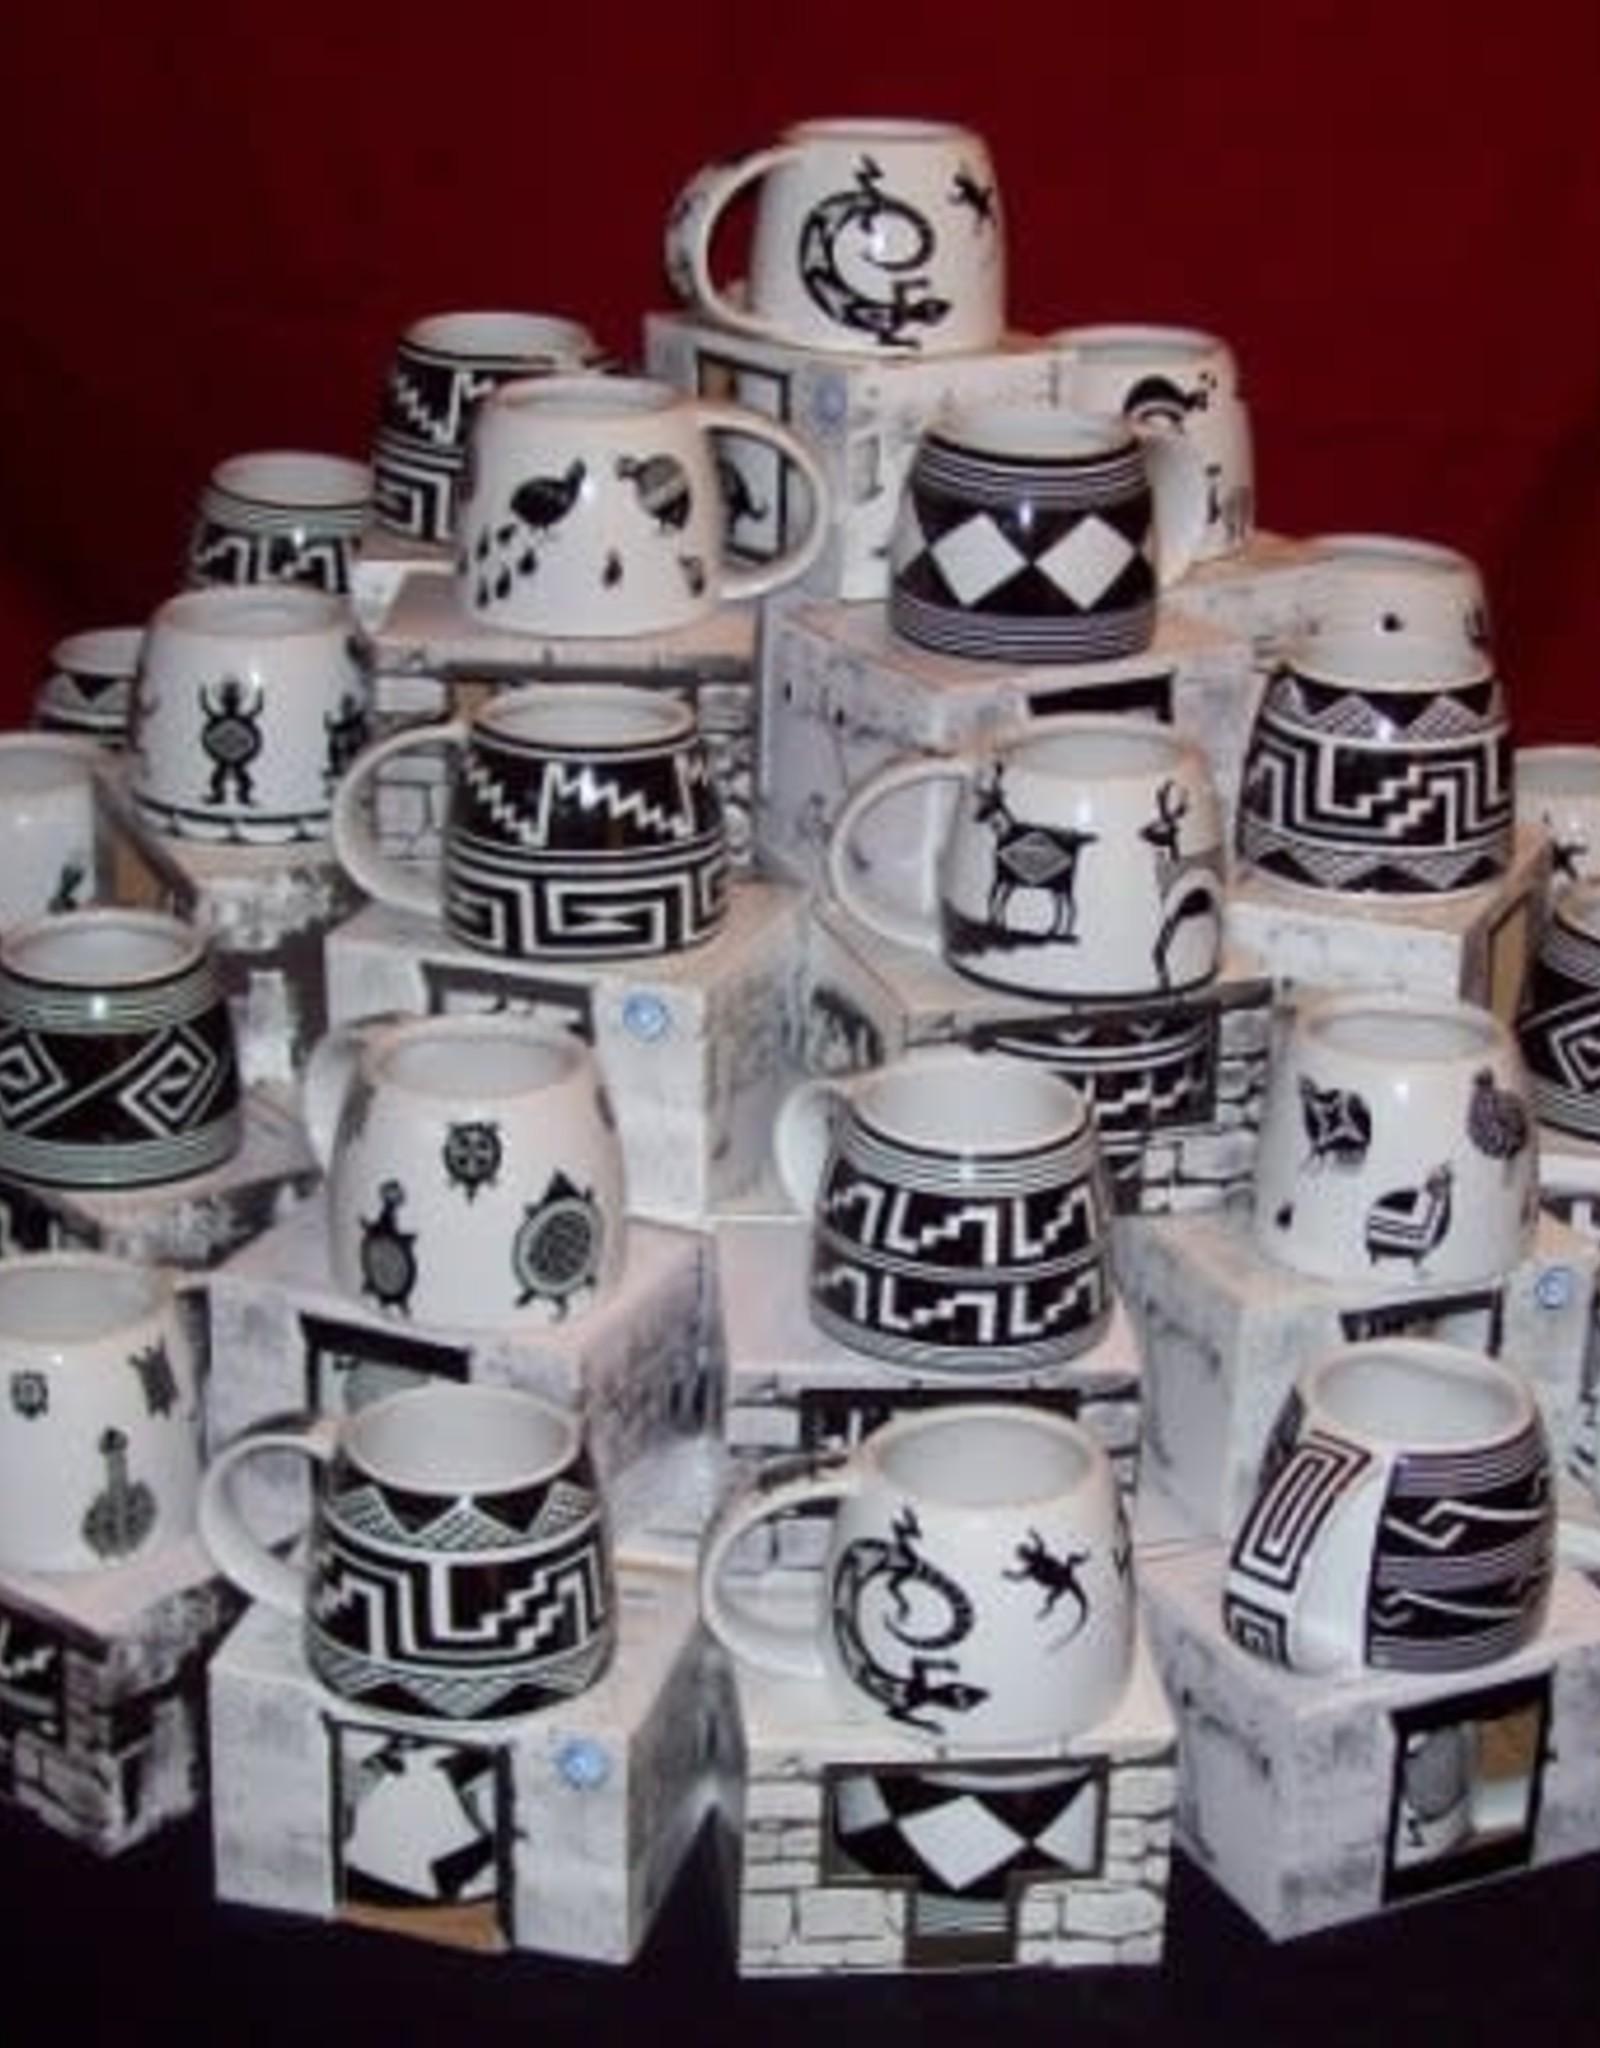 Treasure Chest Mugs Mug, Southwest Mimbres style